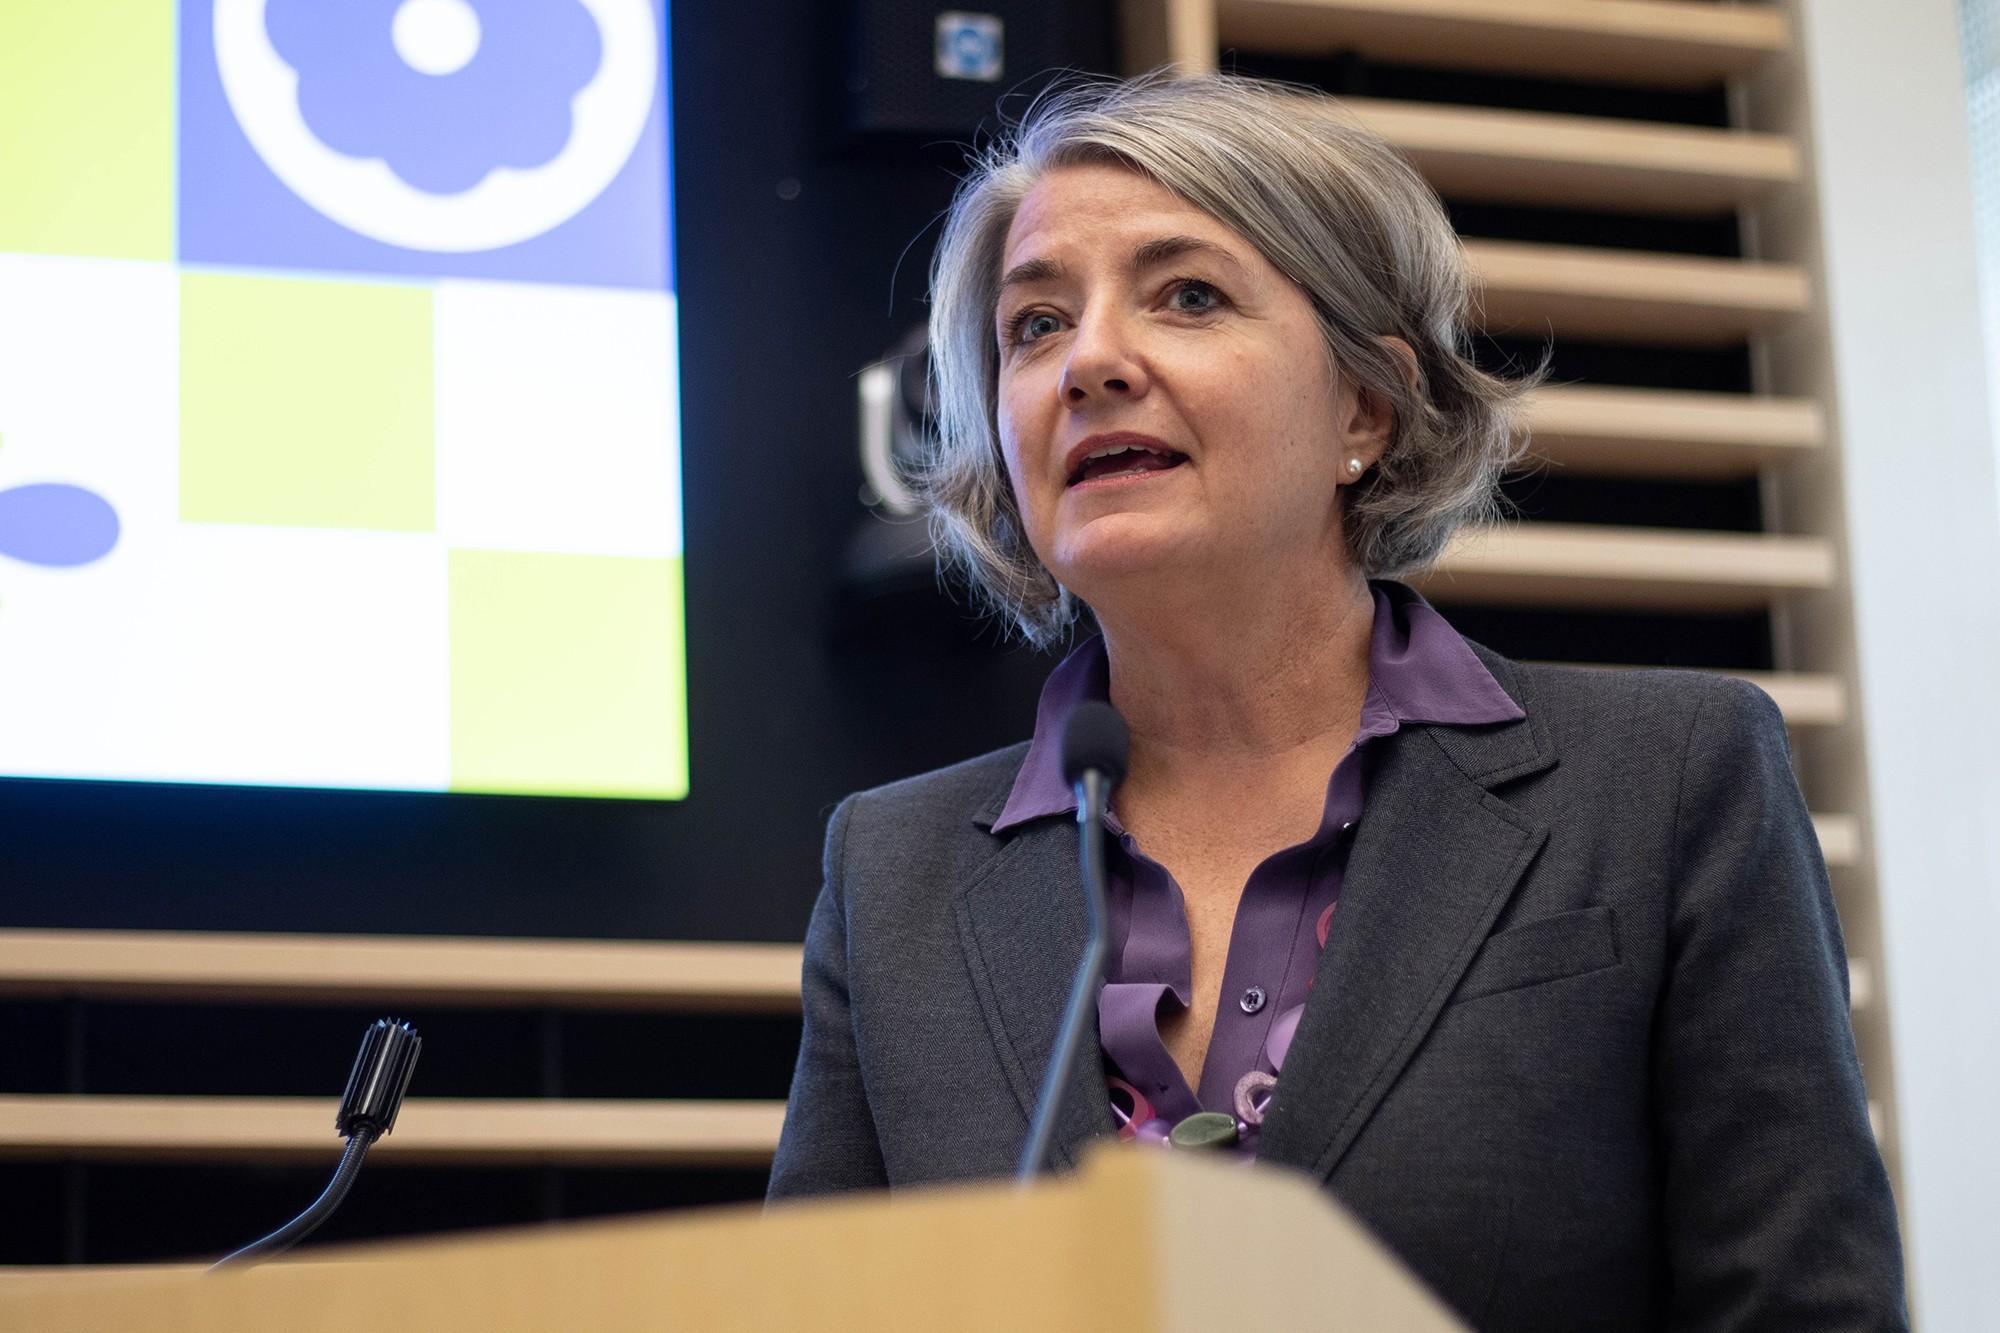 Karin Ulrika Olofsdotter